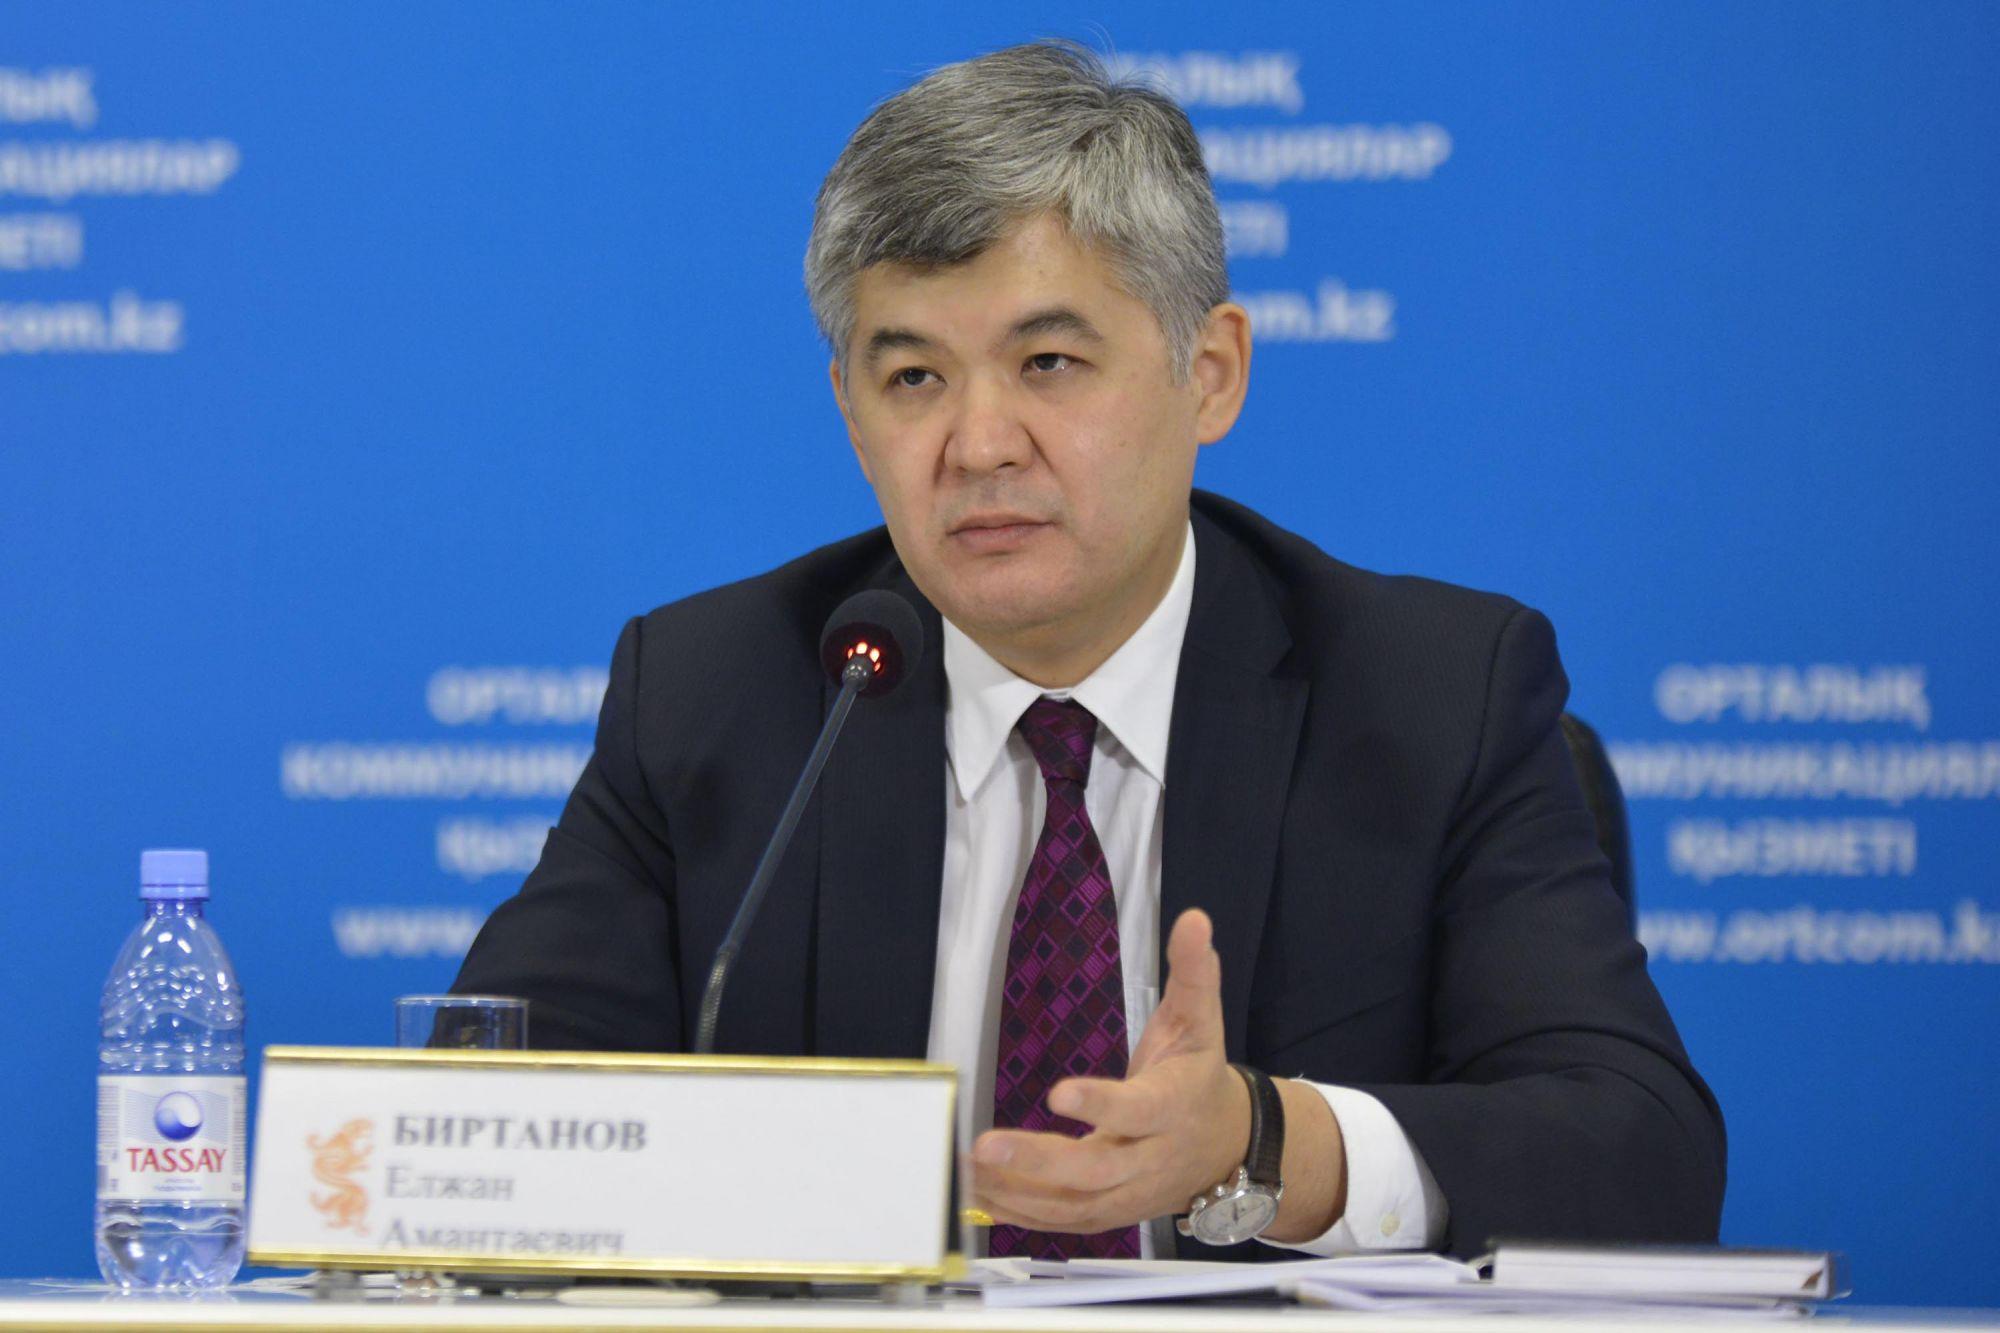 Биртанов выступает за гуманизацию законодательства в отношении врачей , Биртанов, Законодательство, Врач, министерство здравоохранения